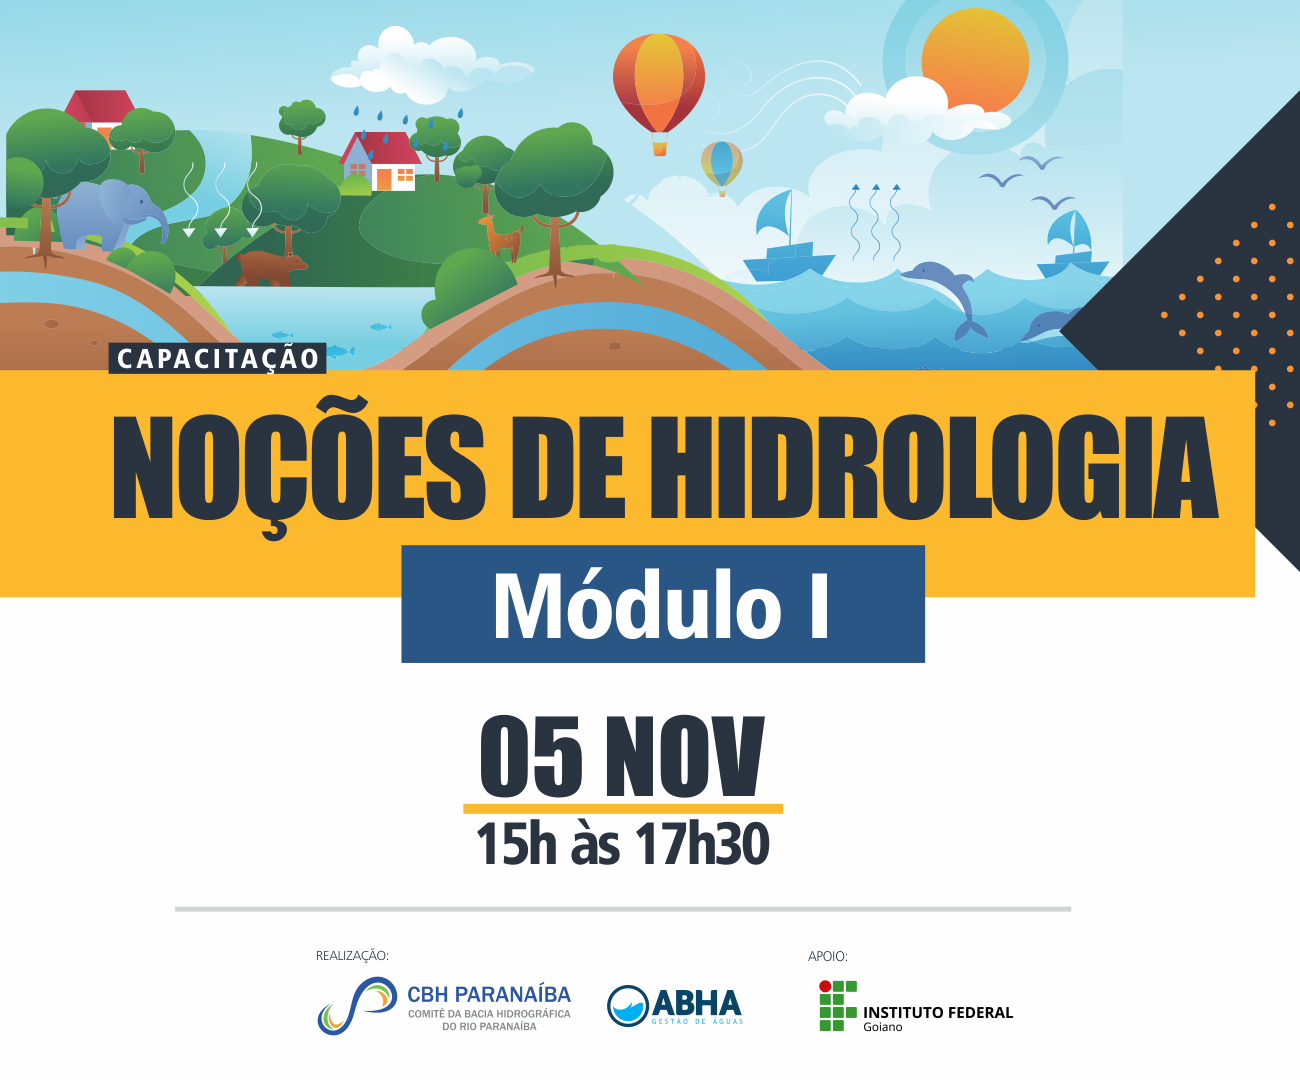 CBH Paranaíba promove capacitação sobre Noções em Hidrologia